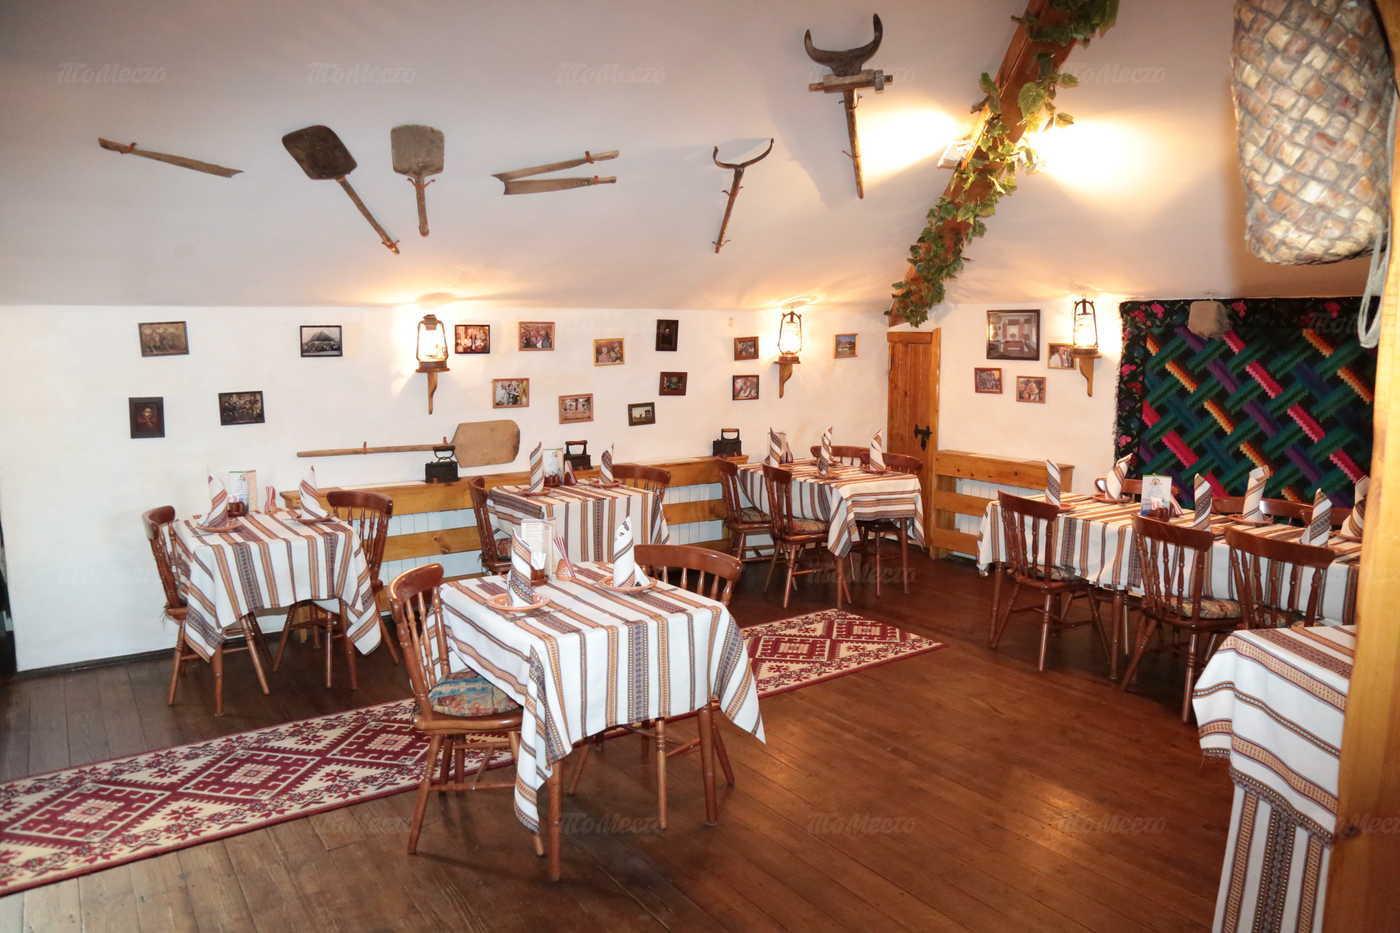 Меню ресторана Корчма Тарас Бульба в Шмитовском проезде